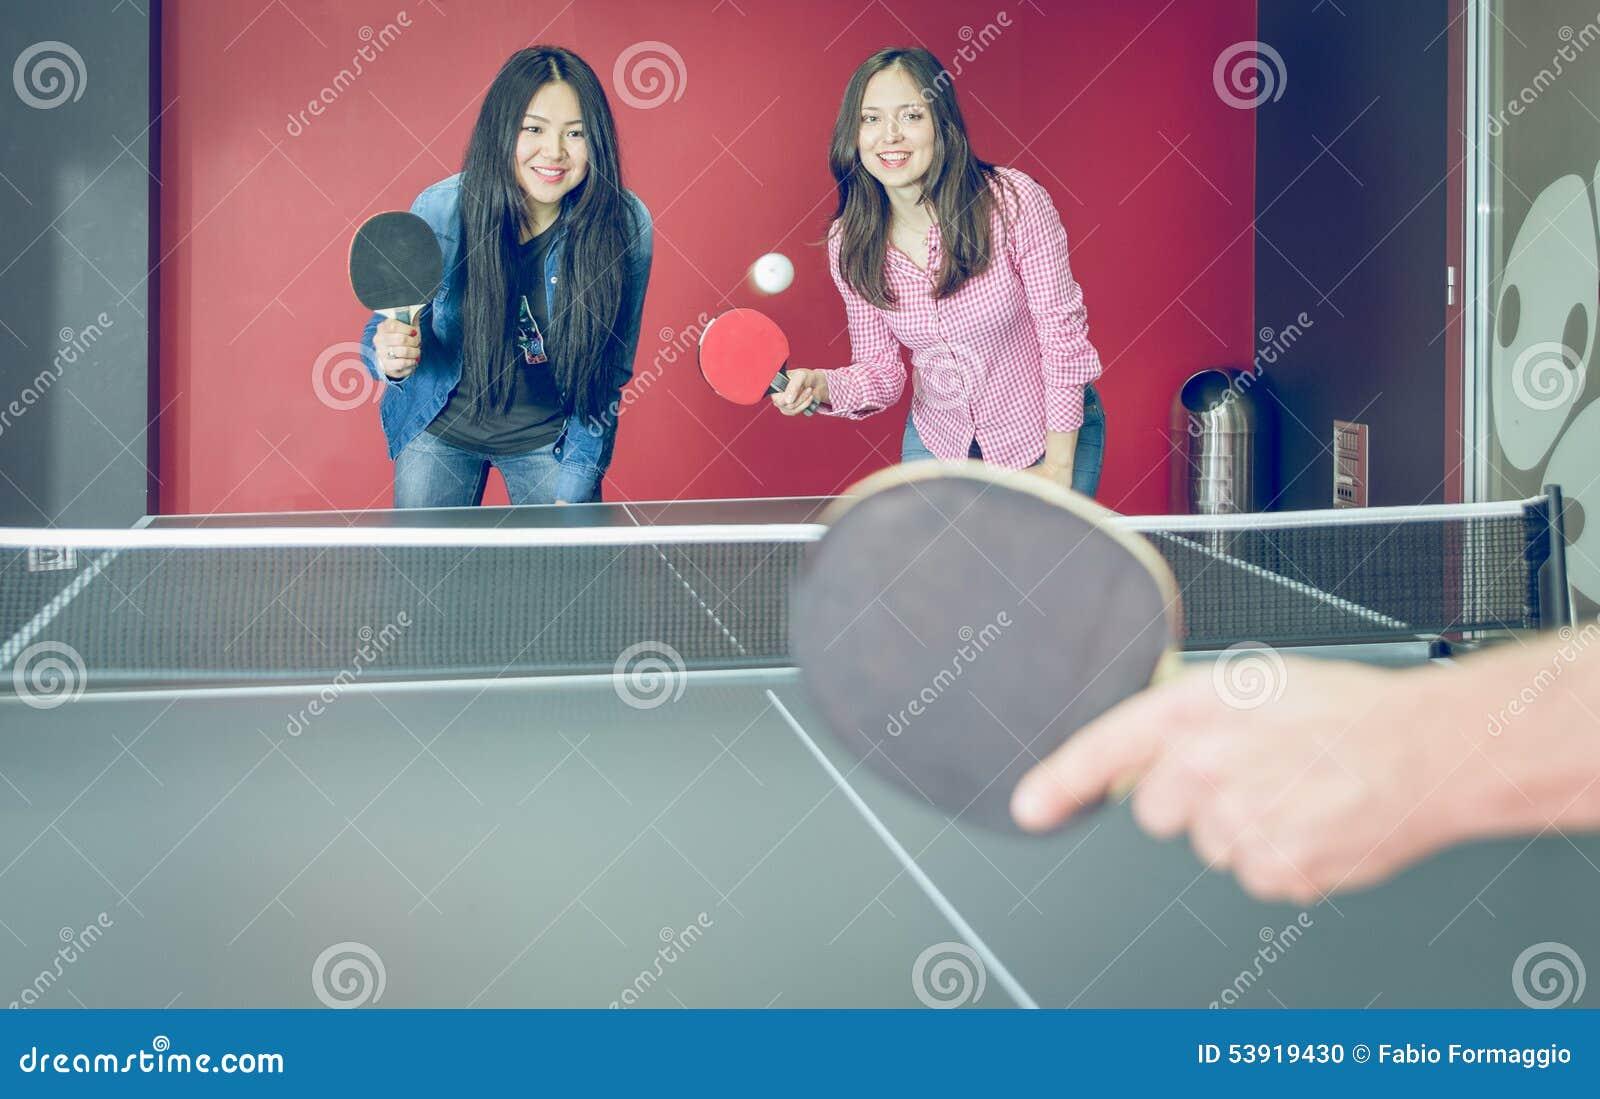 Tischtennismatch zum Spaß